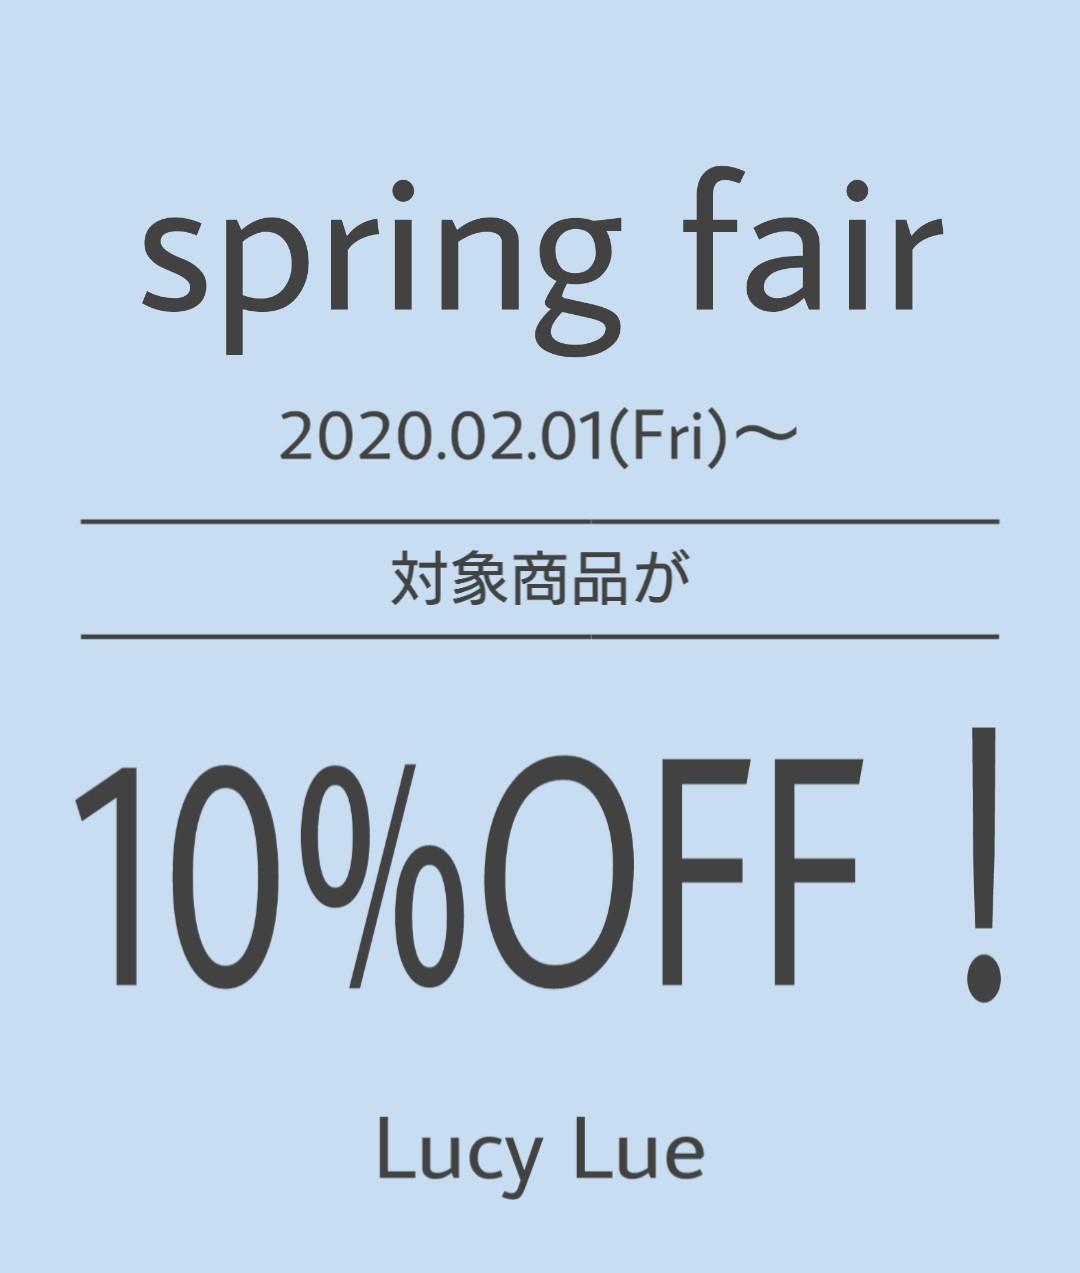 2月1日~spring fair開催❤